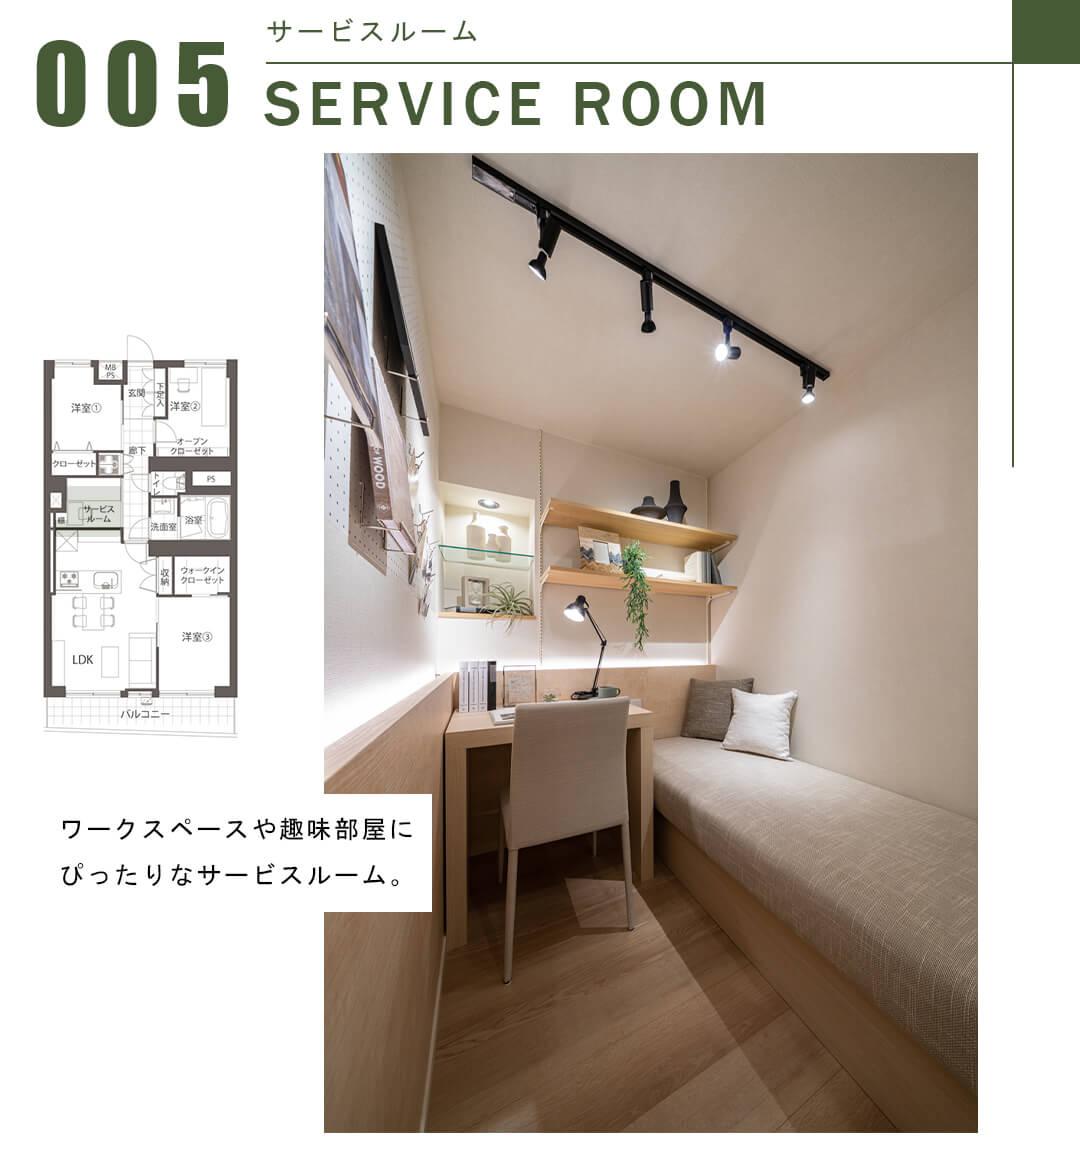 井の頭パークサイドマンションのサービスルーム